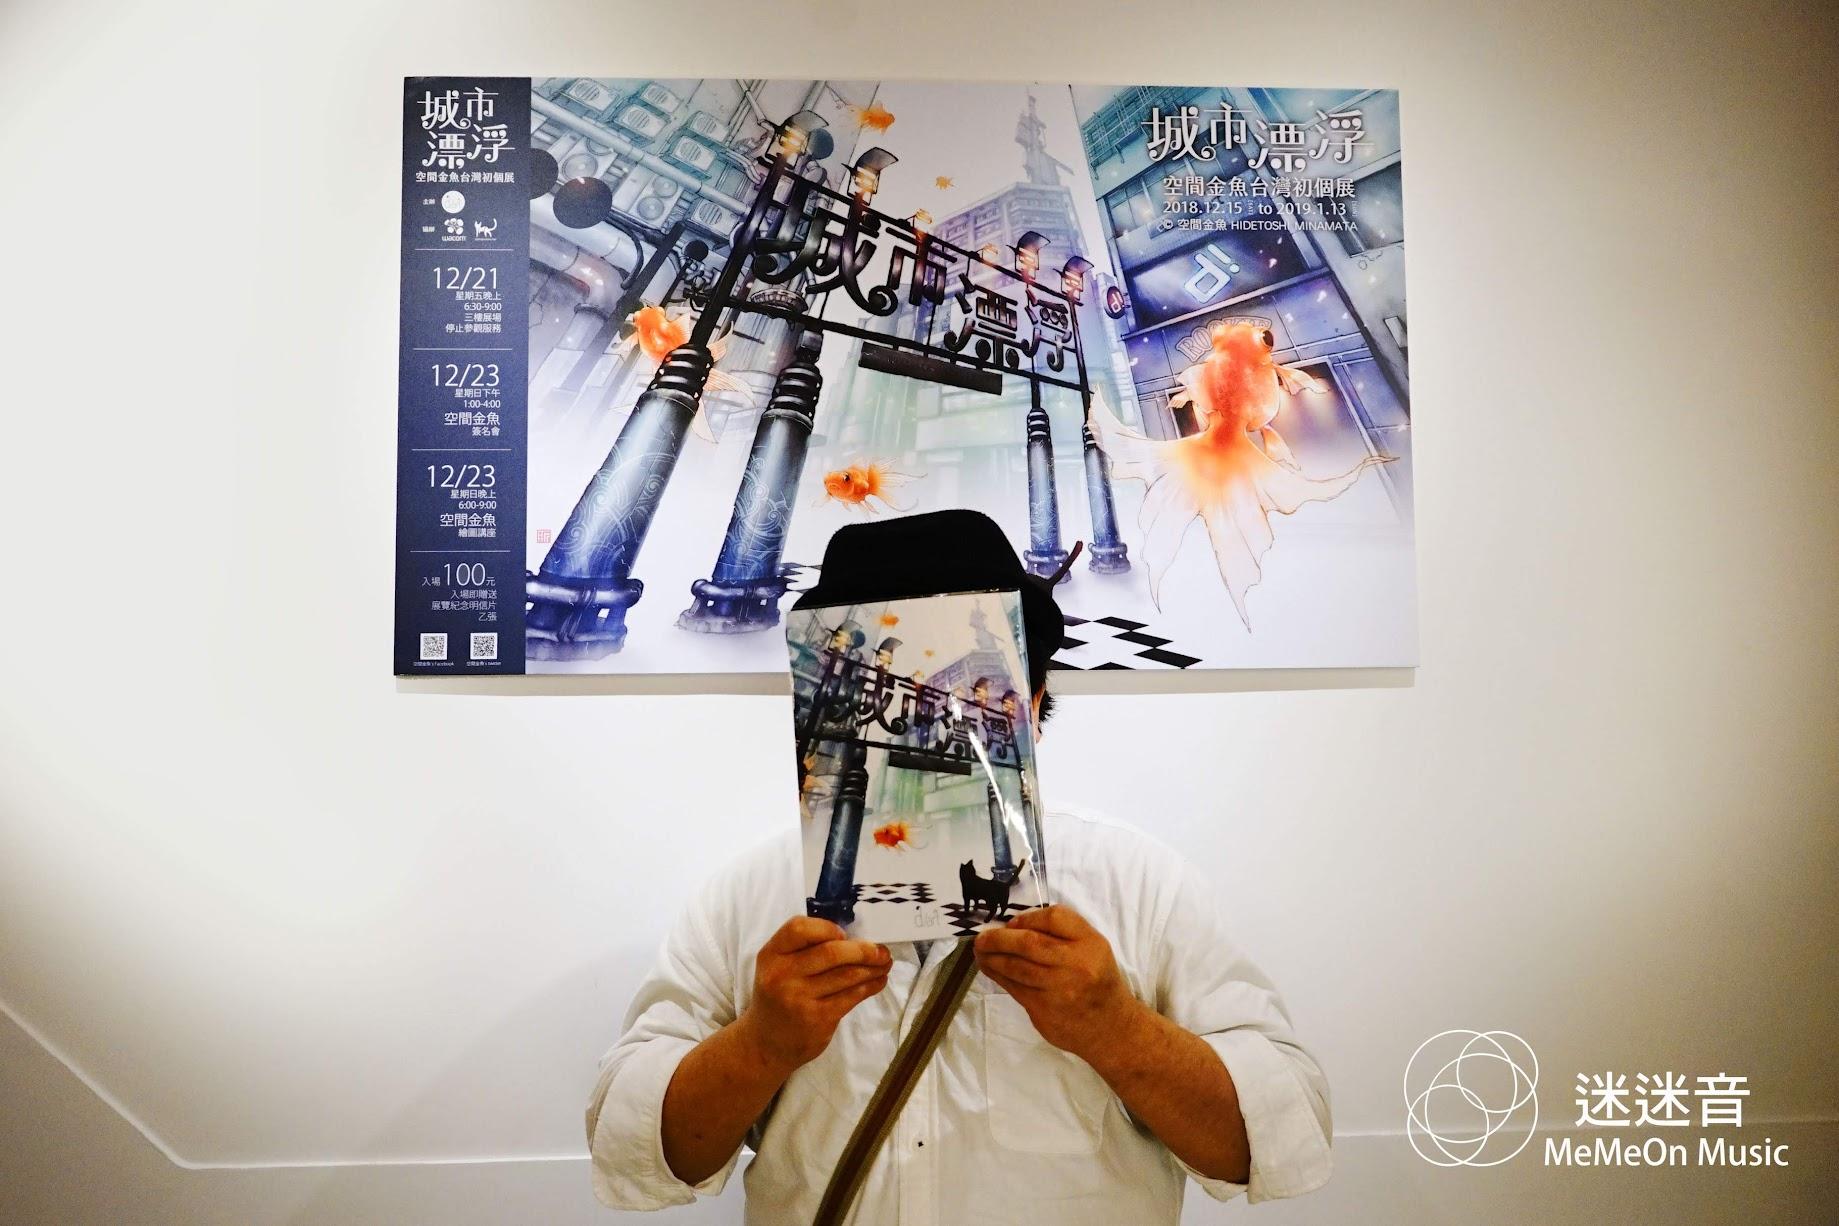 【迷迷專訪】繪本式畫家 空間金魚  為甜點去蛋糕店打工 展覽音樂